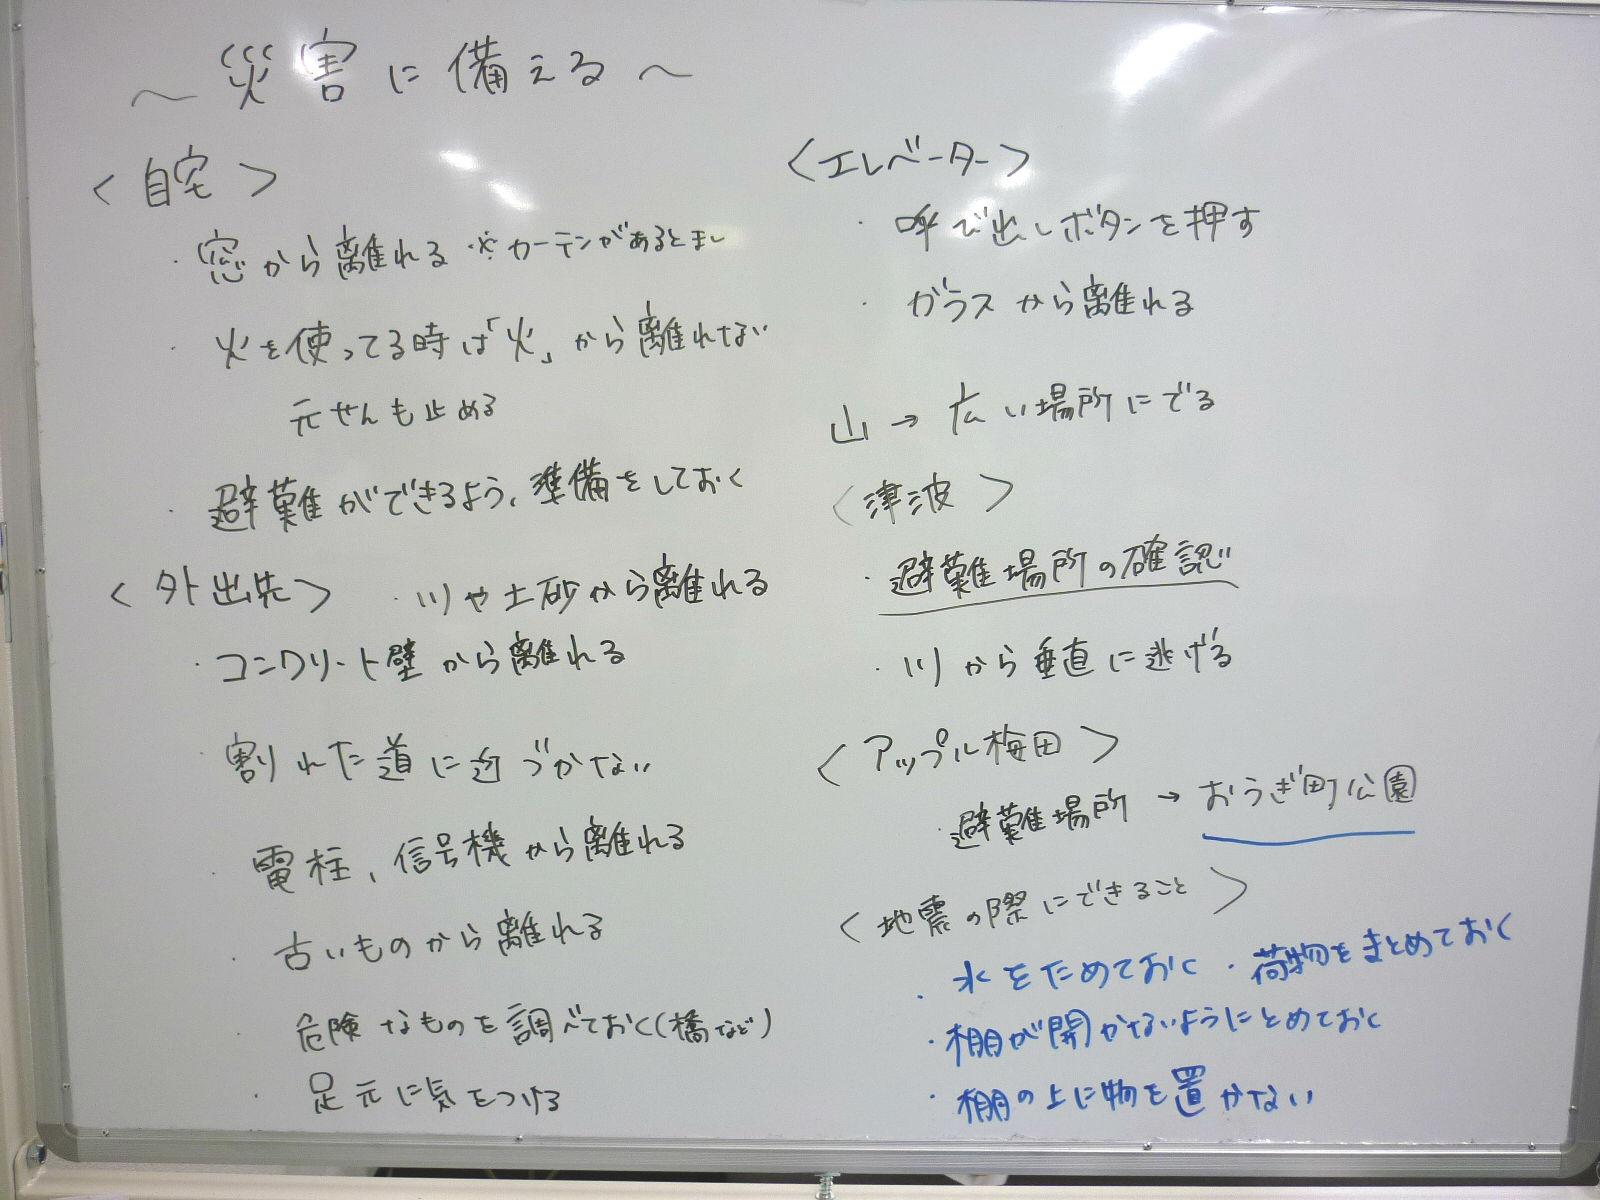 【防災訓練】 座学編